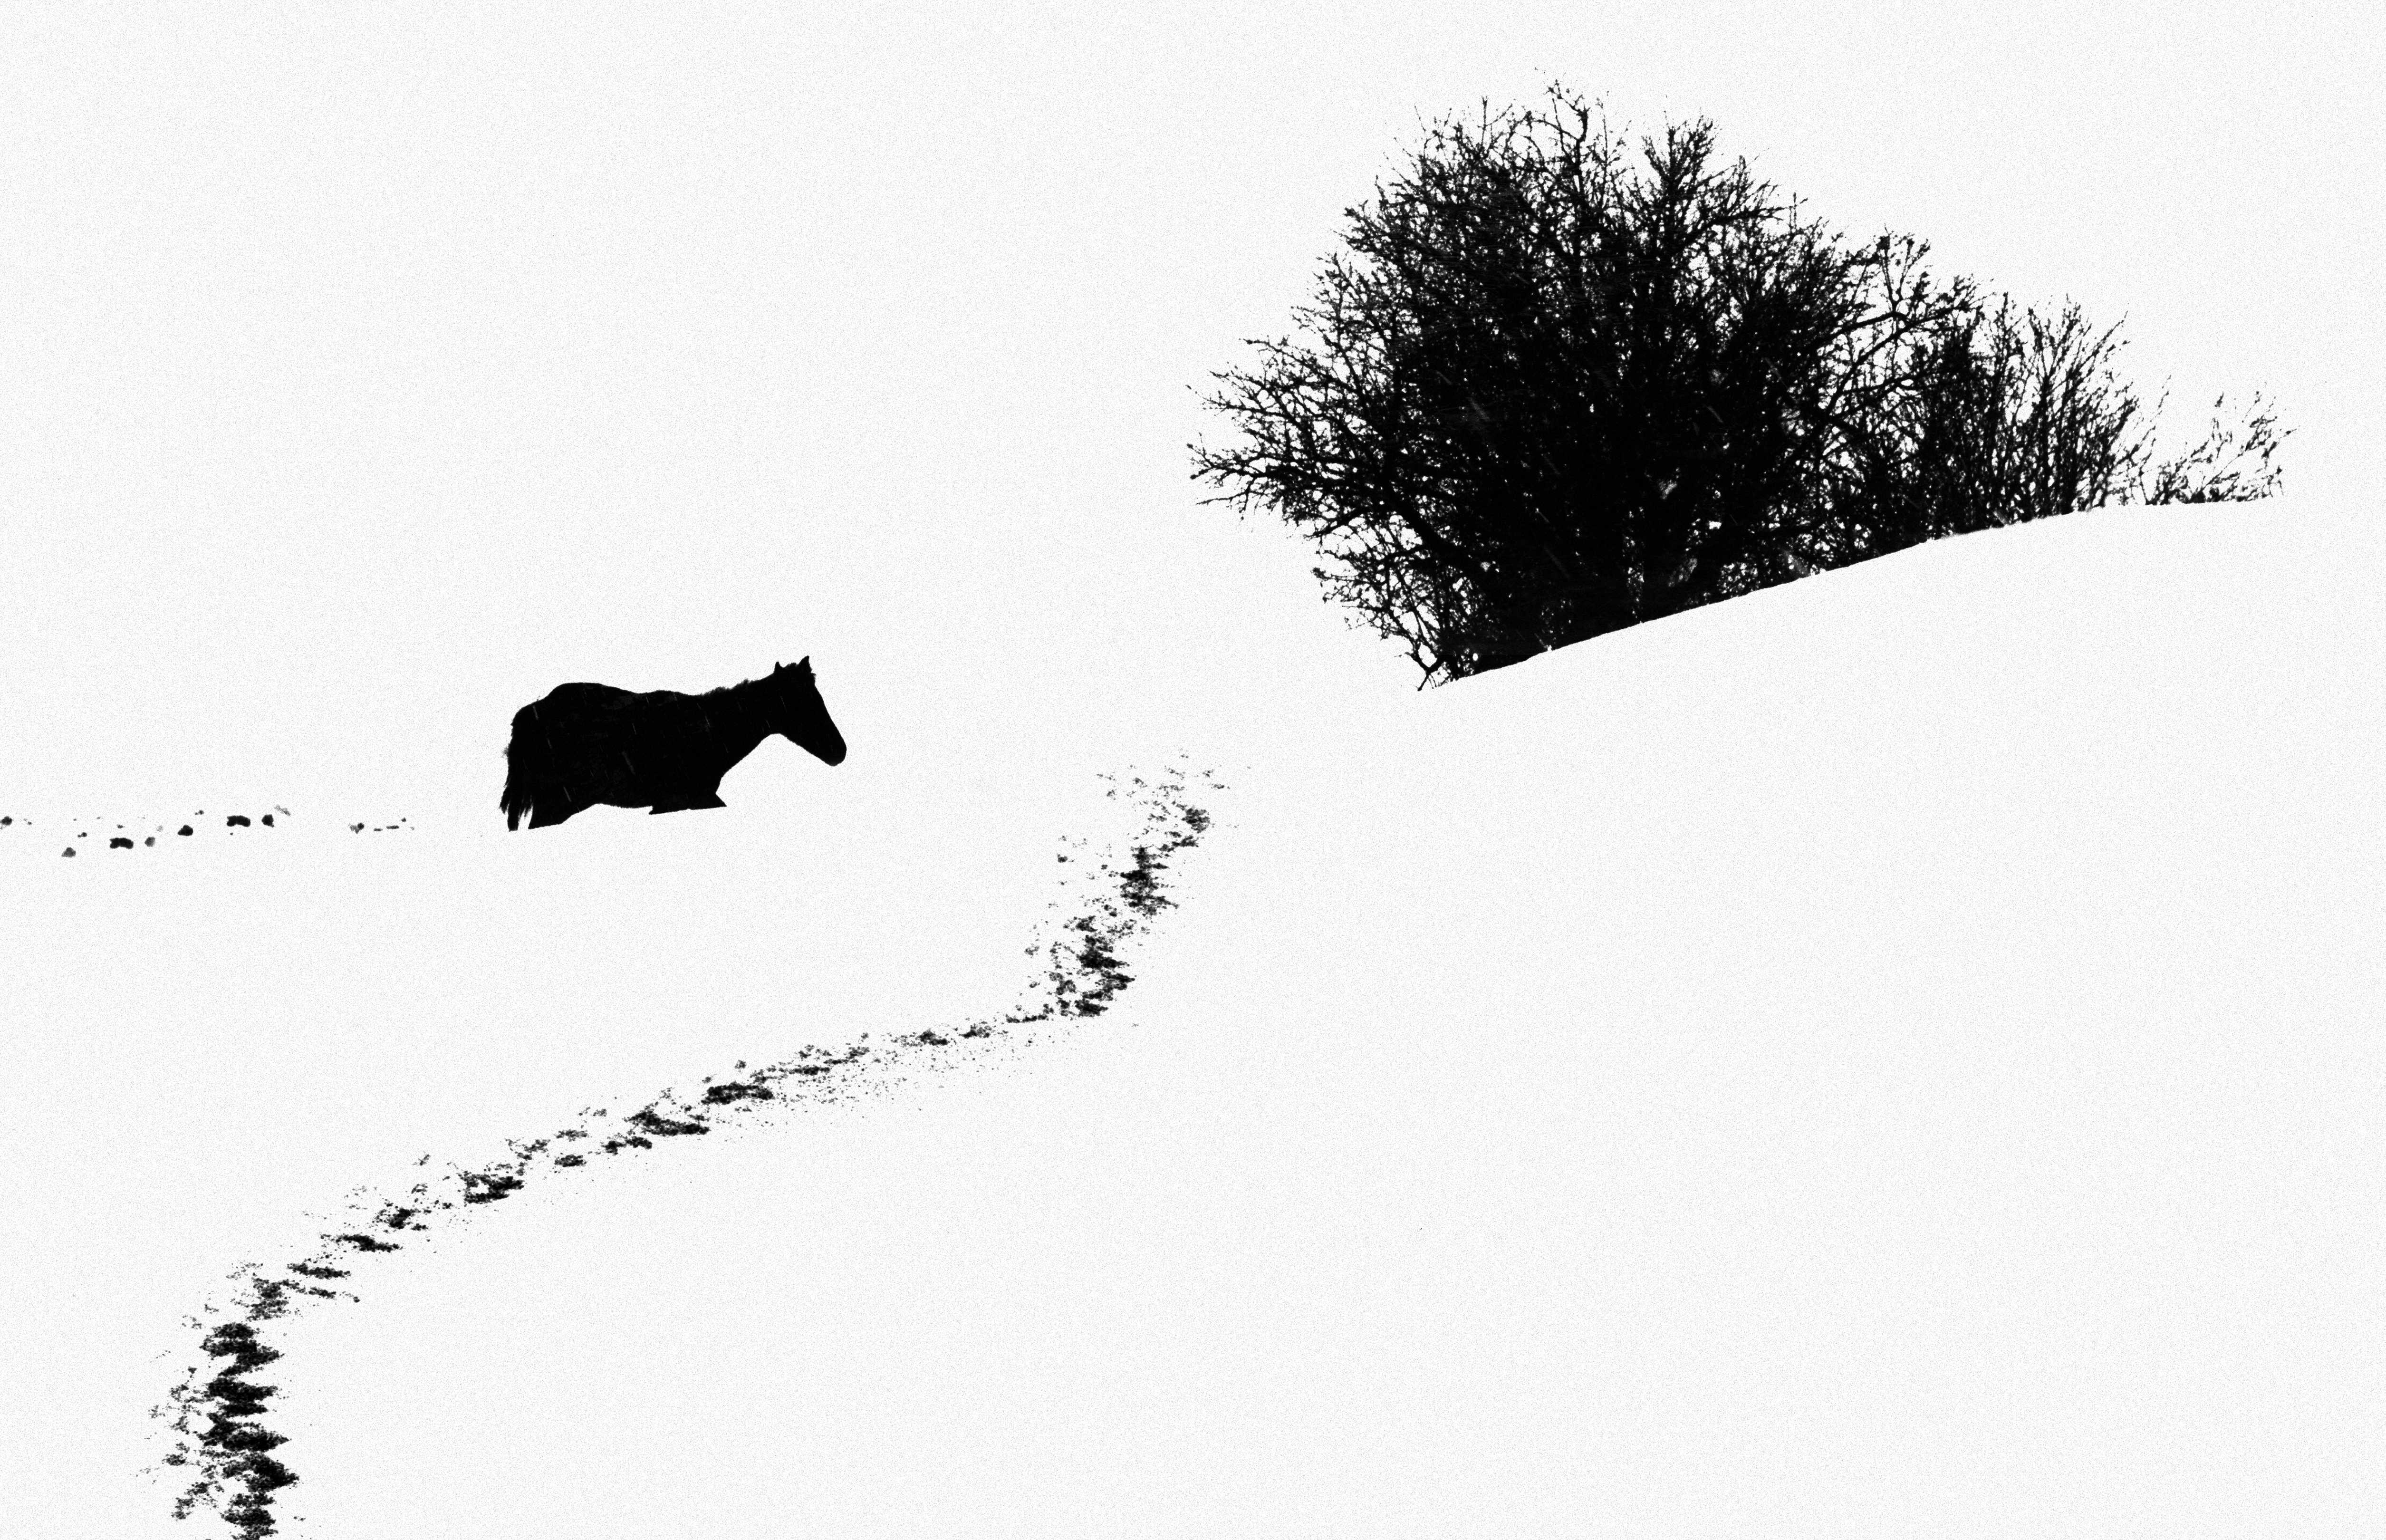 Kiarostami_snow002_nomadica